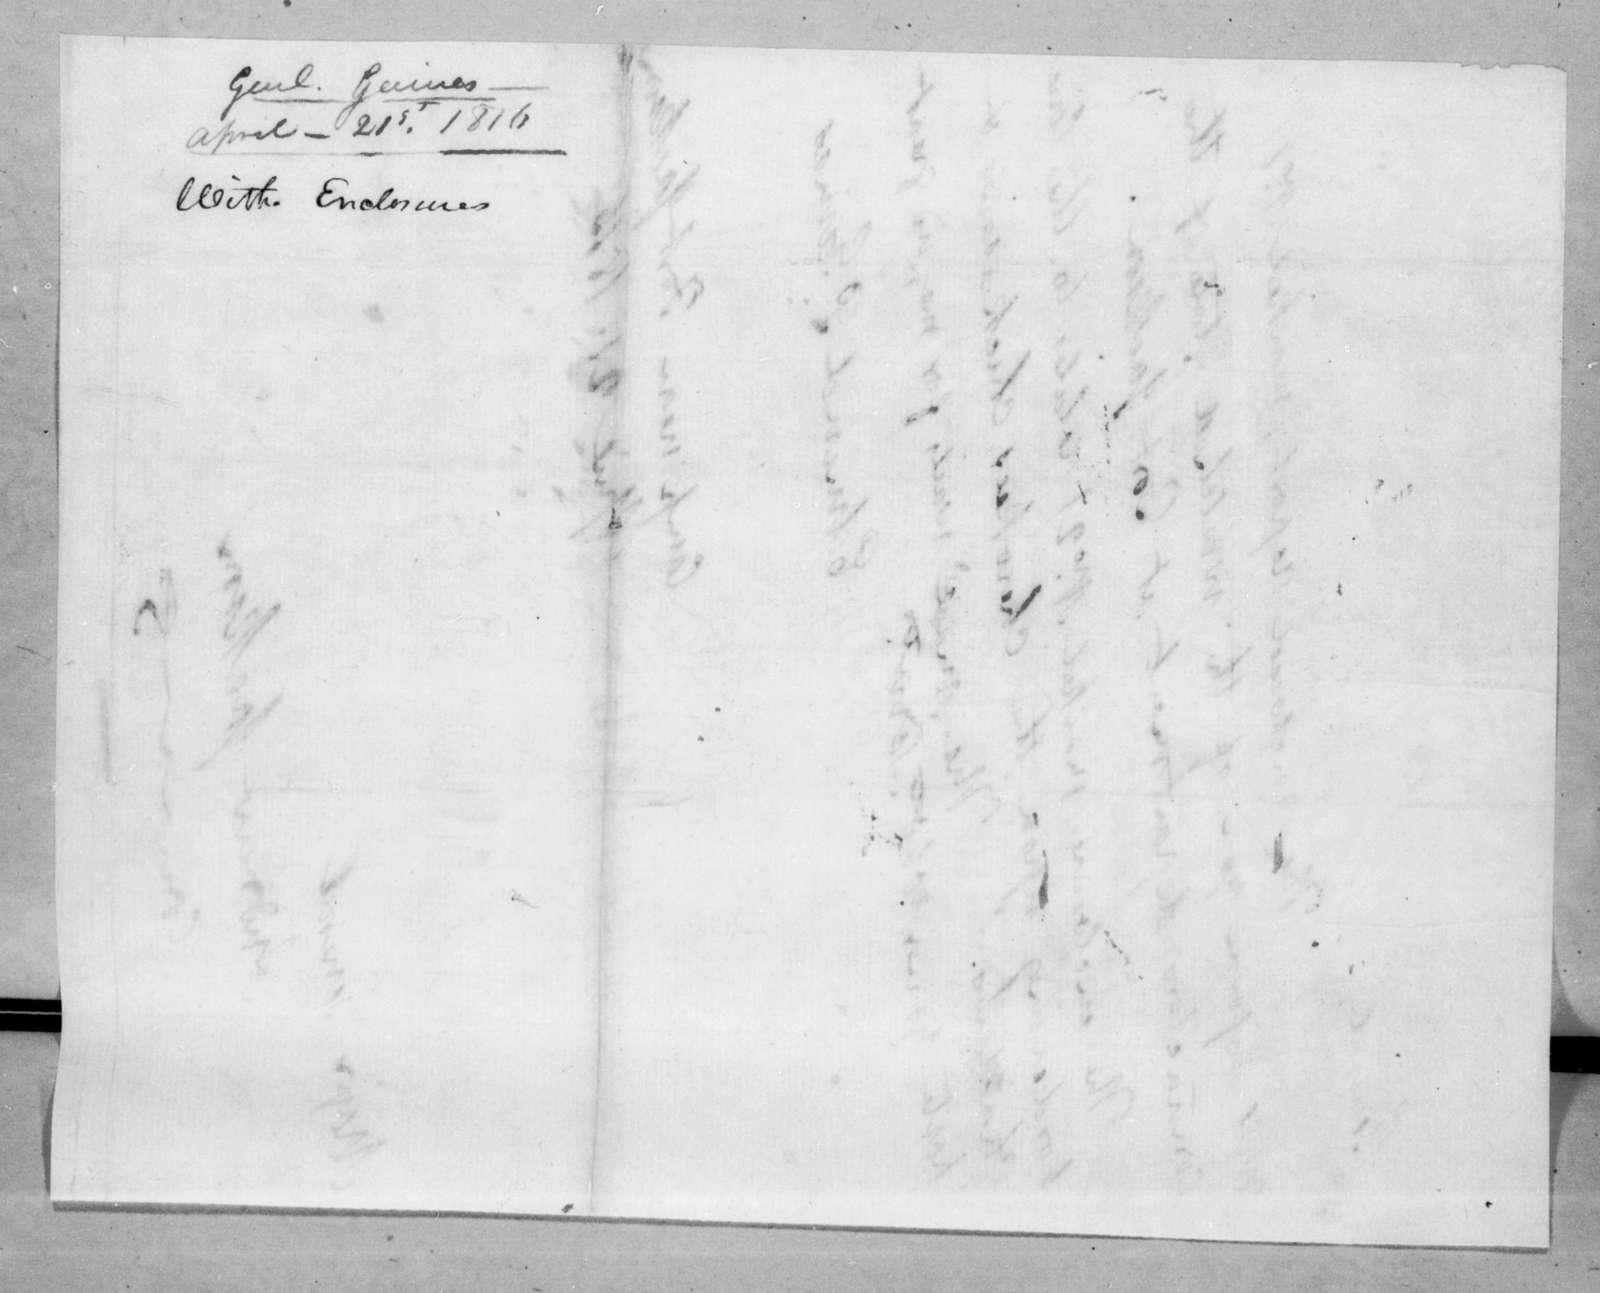 Edmund Pendleton Gaines to Andrew Jackson, April 21, 1816